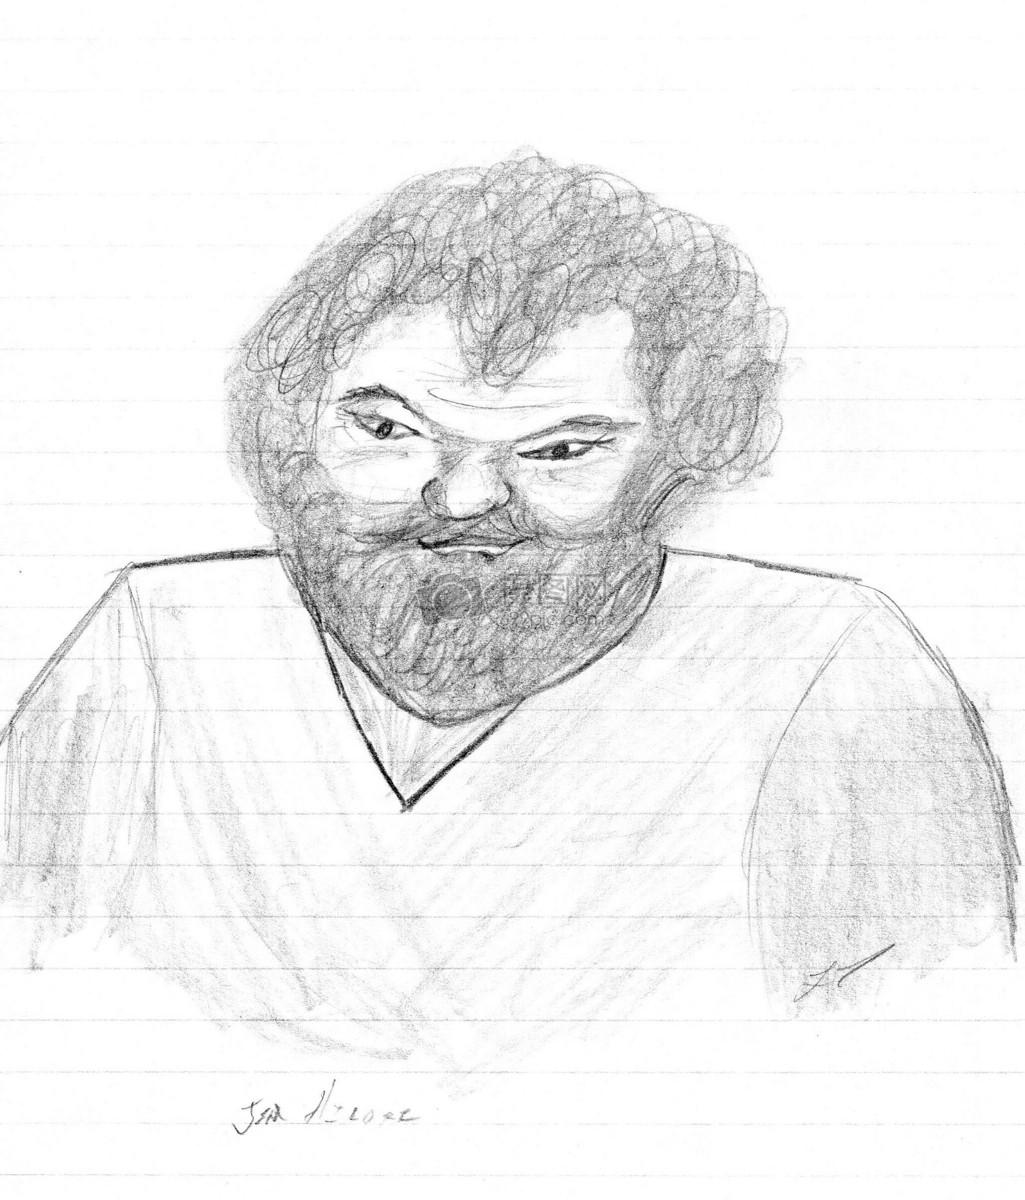 铅笔手绘速写人物肖像